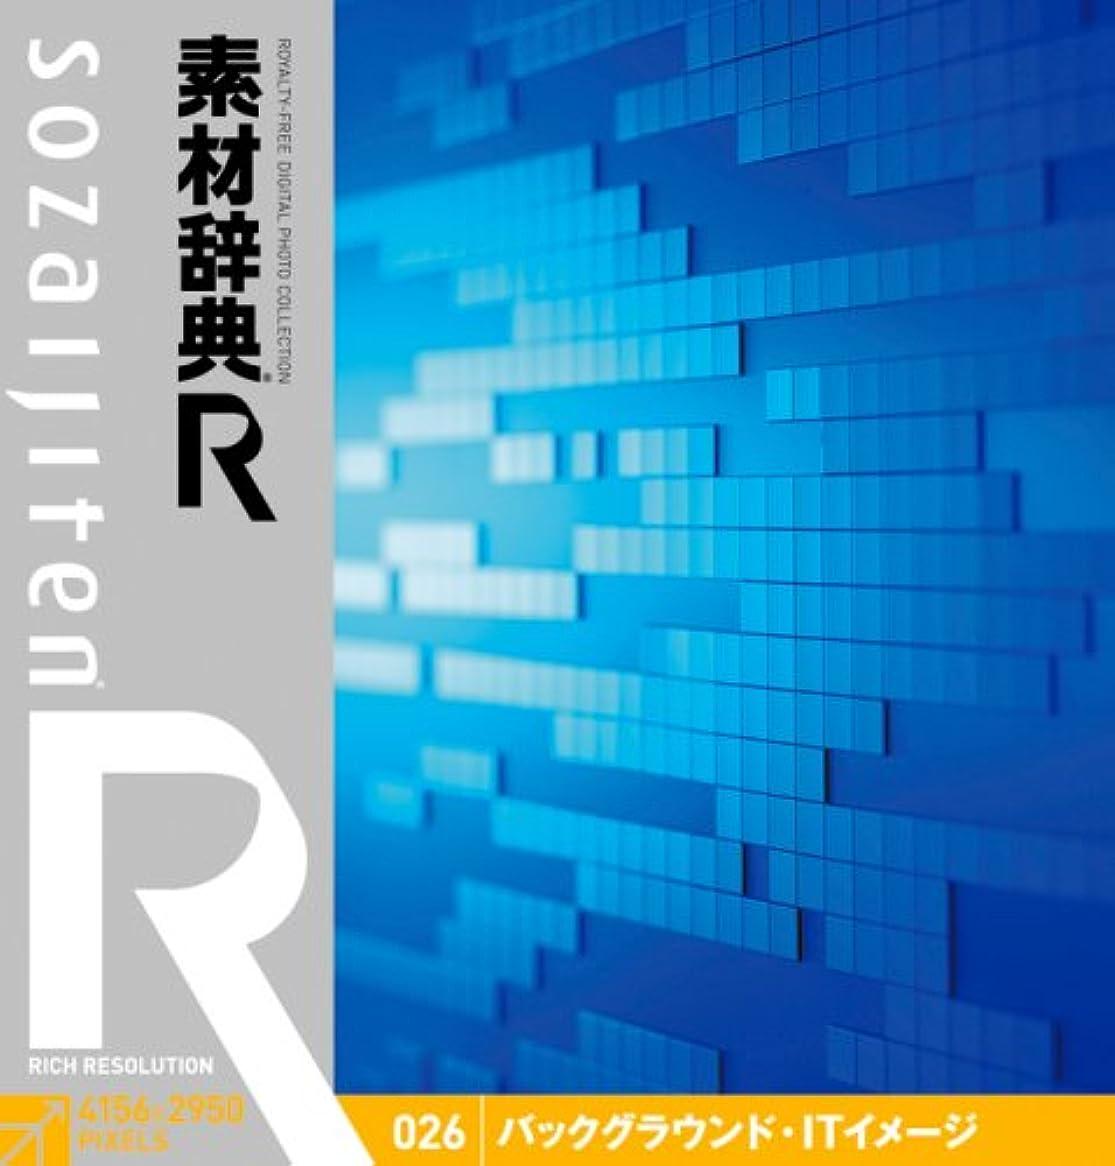 フィットネス熟考するなんとなく素材辞典[R(アール)] 026 バックグラウンド?ITイメージ